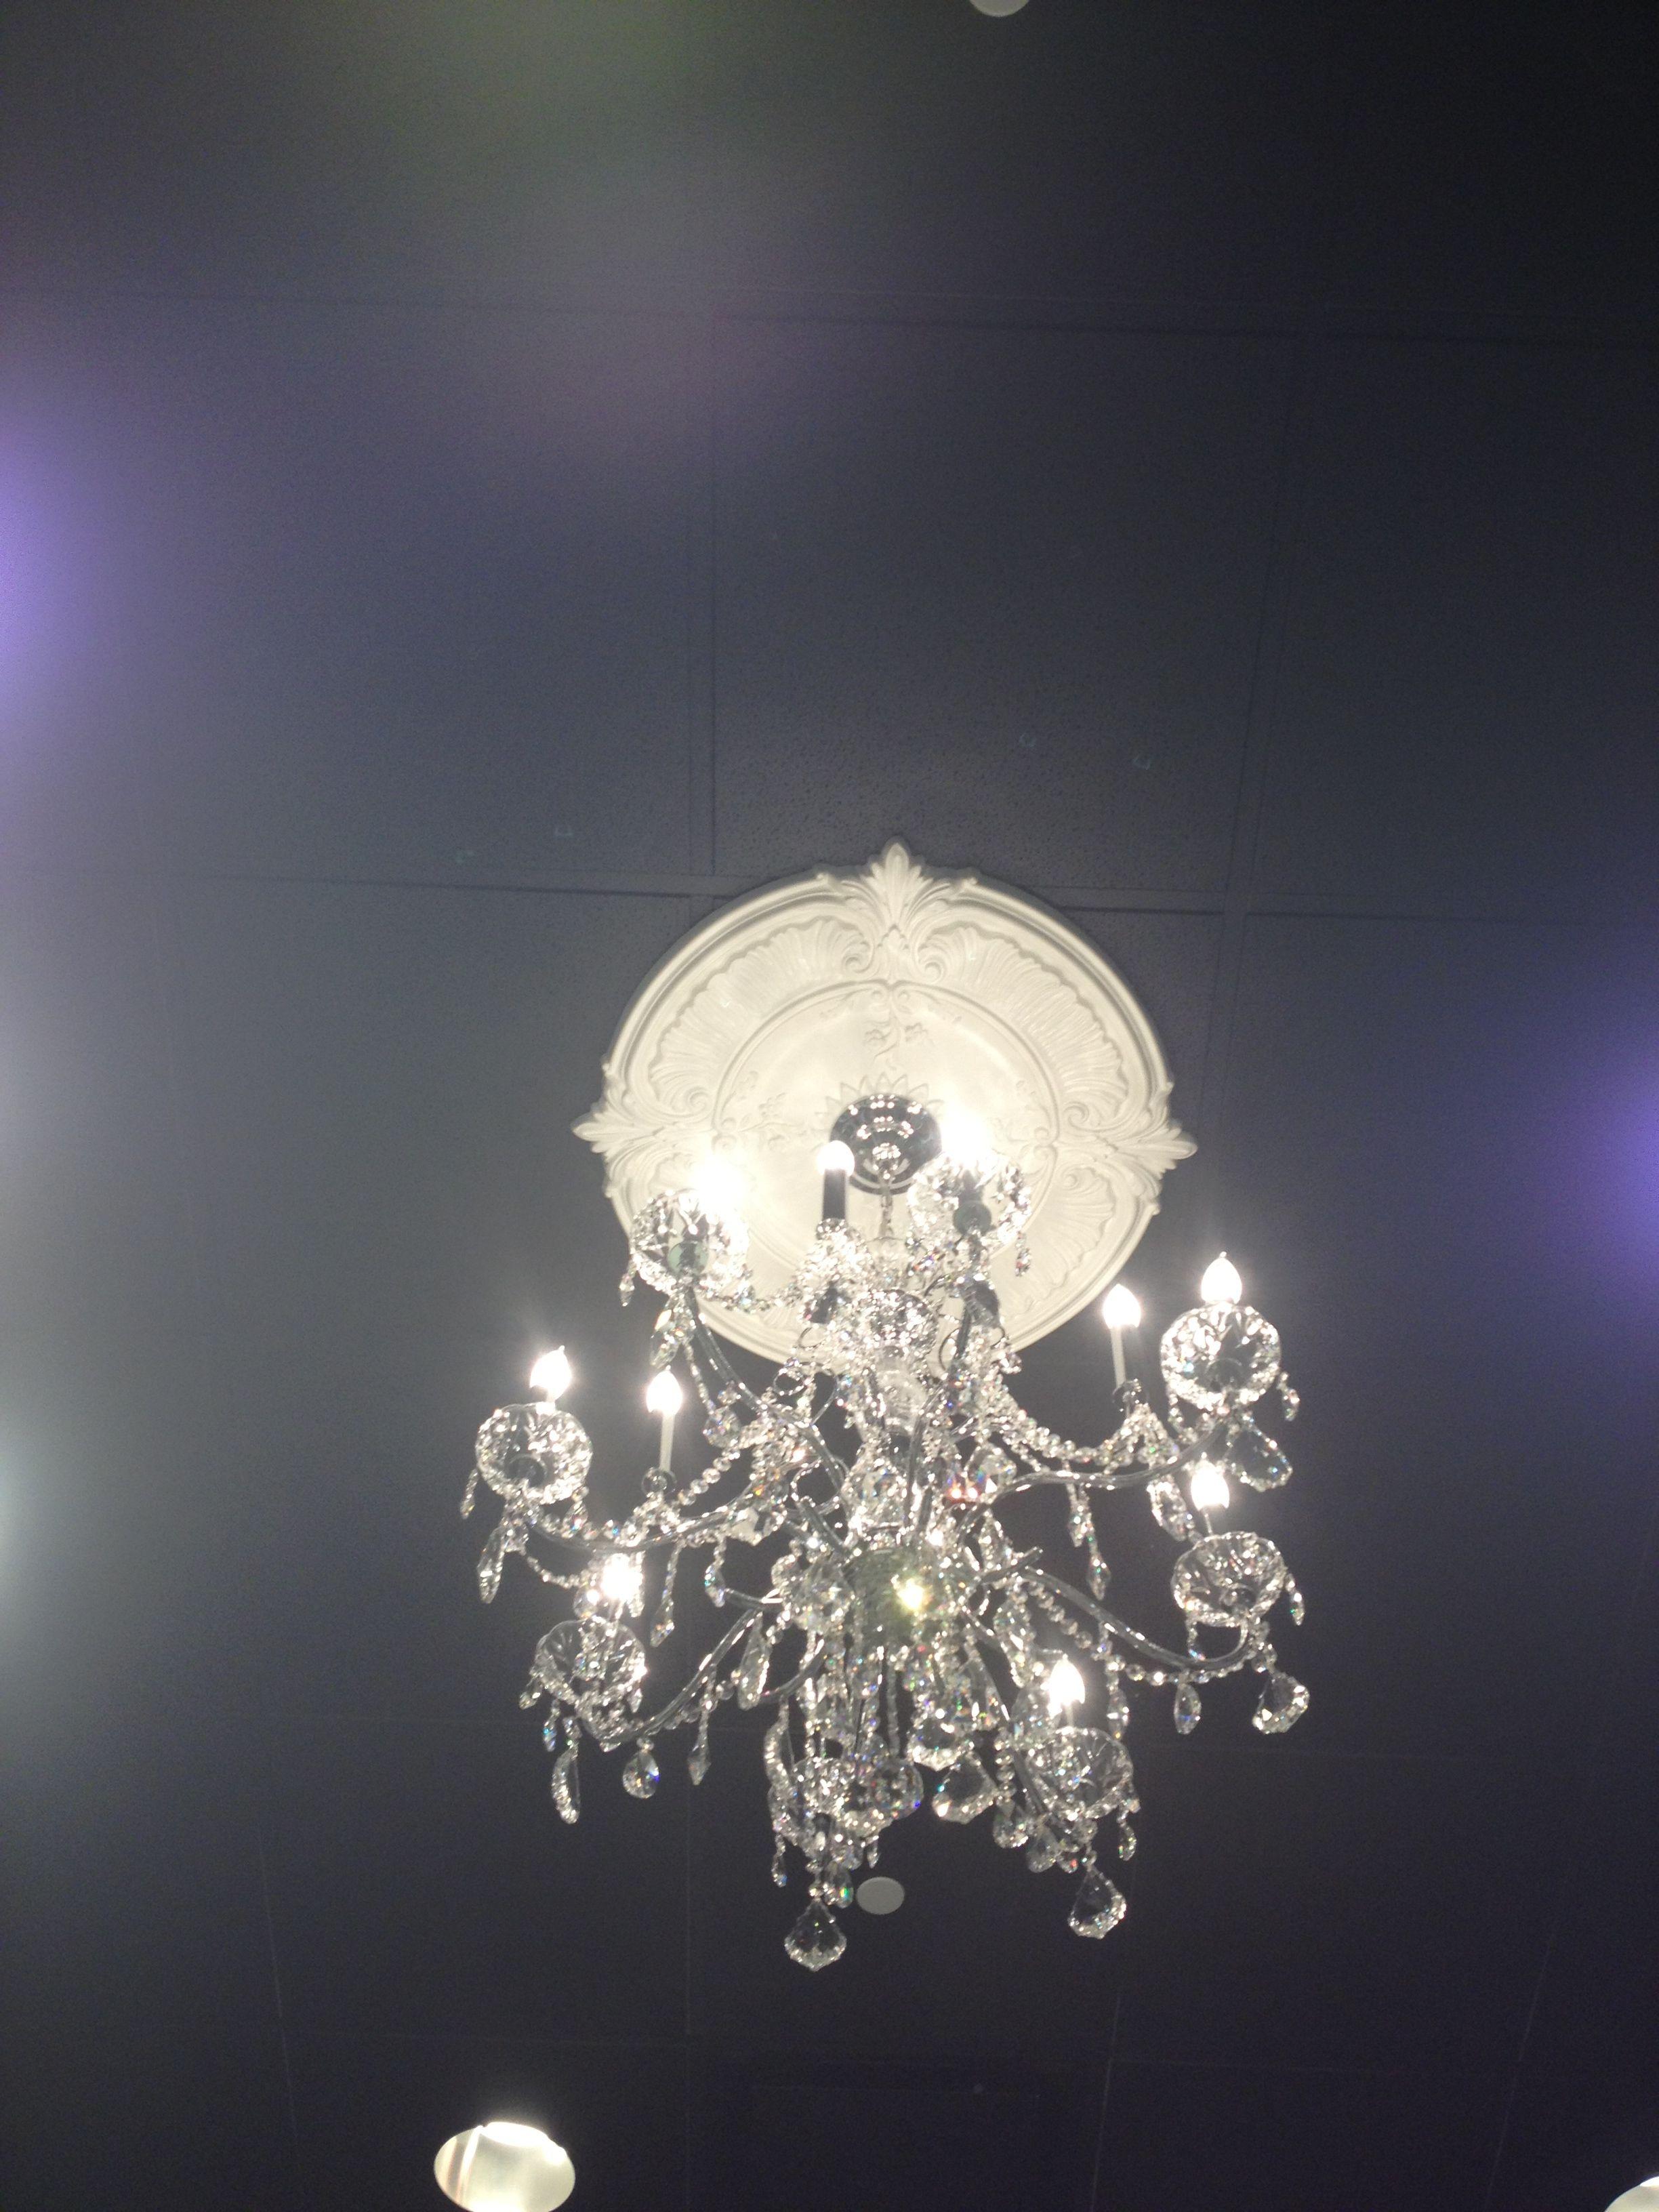 Résultat Supérieur 60 Luxe Lustre Deco Galerie 2018 Kgit4 2017